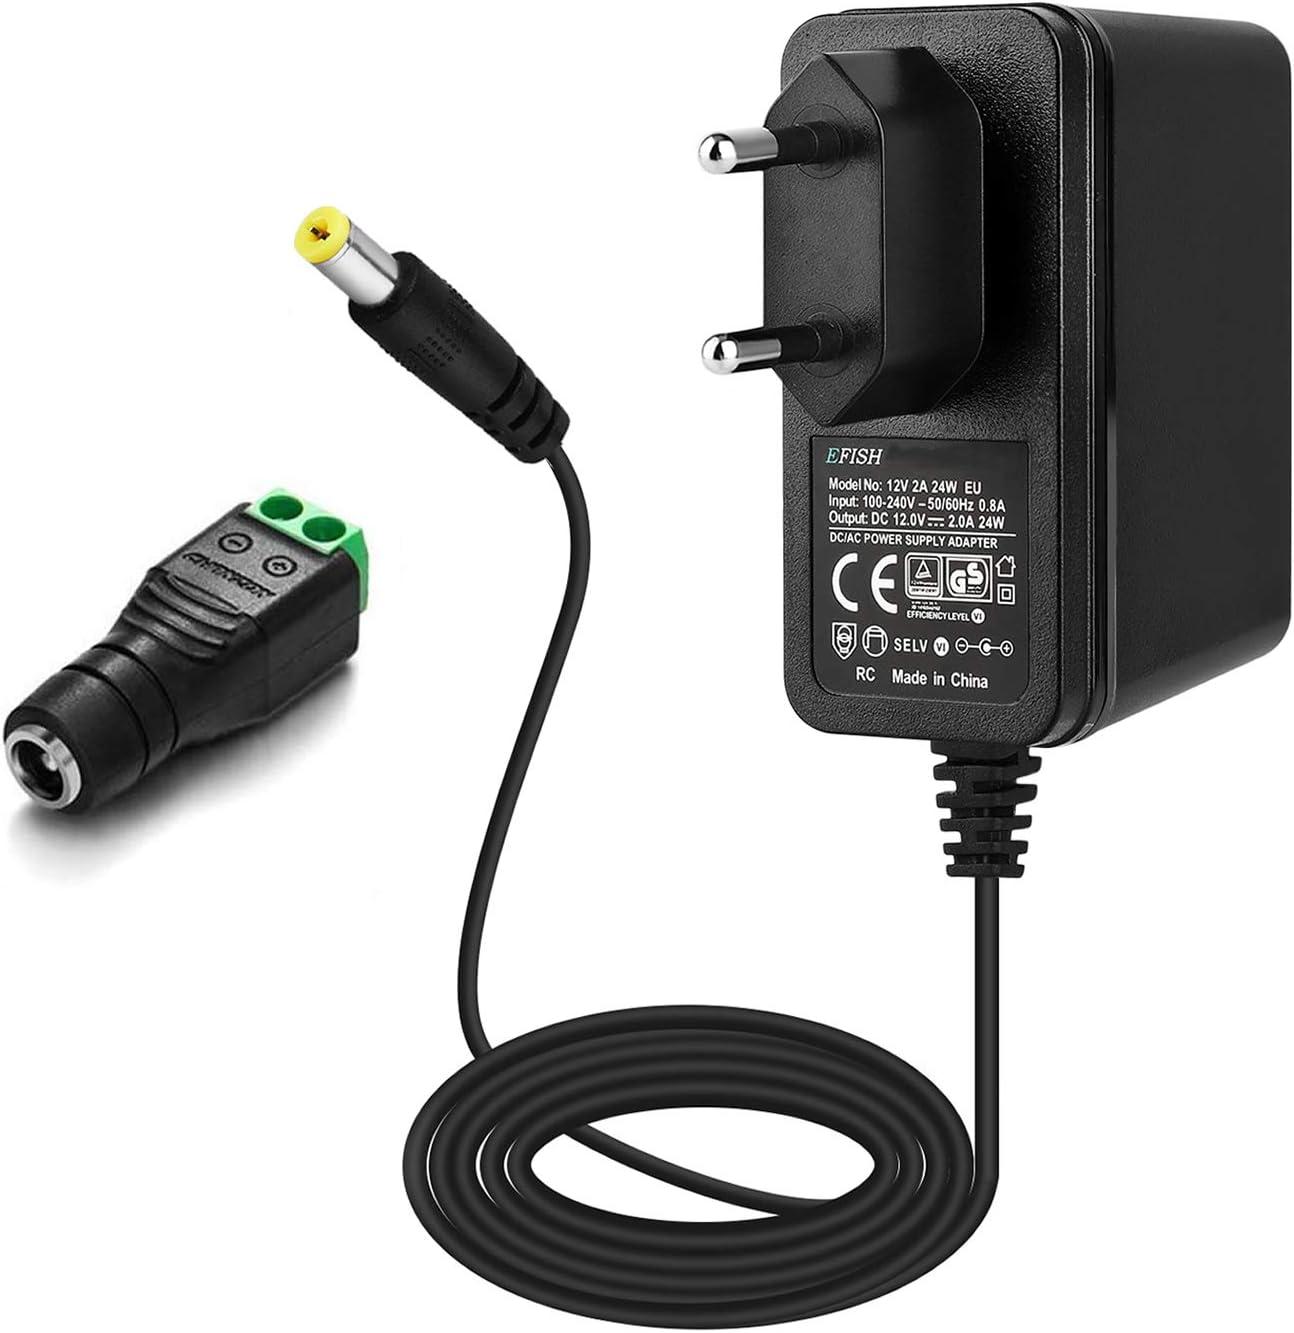 EFISH 12V 2A 24W Adaptador de Fuente de Alimentación del Transformador,Cámara CCTV,Teclado Yamaha,Enrutadores,Concentradores,Tiras de LED,Alarma,Masajeador,Timbre de la Puerta,Aprobación CE/GS